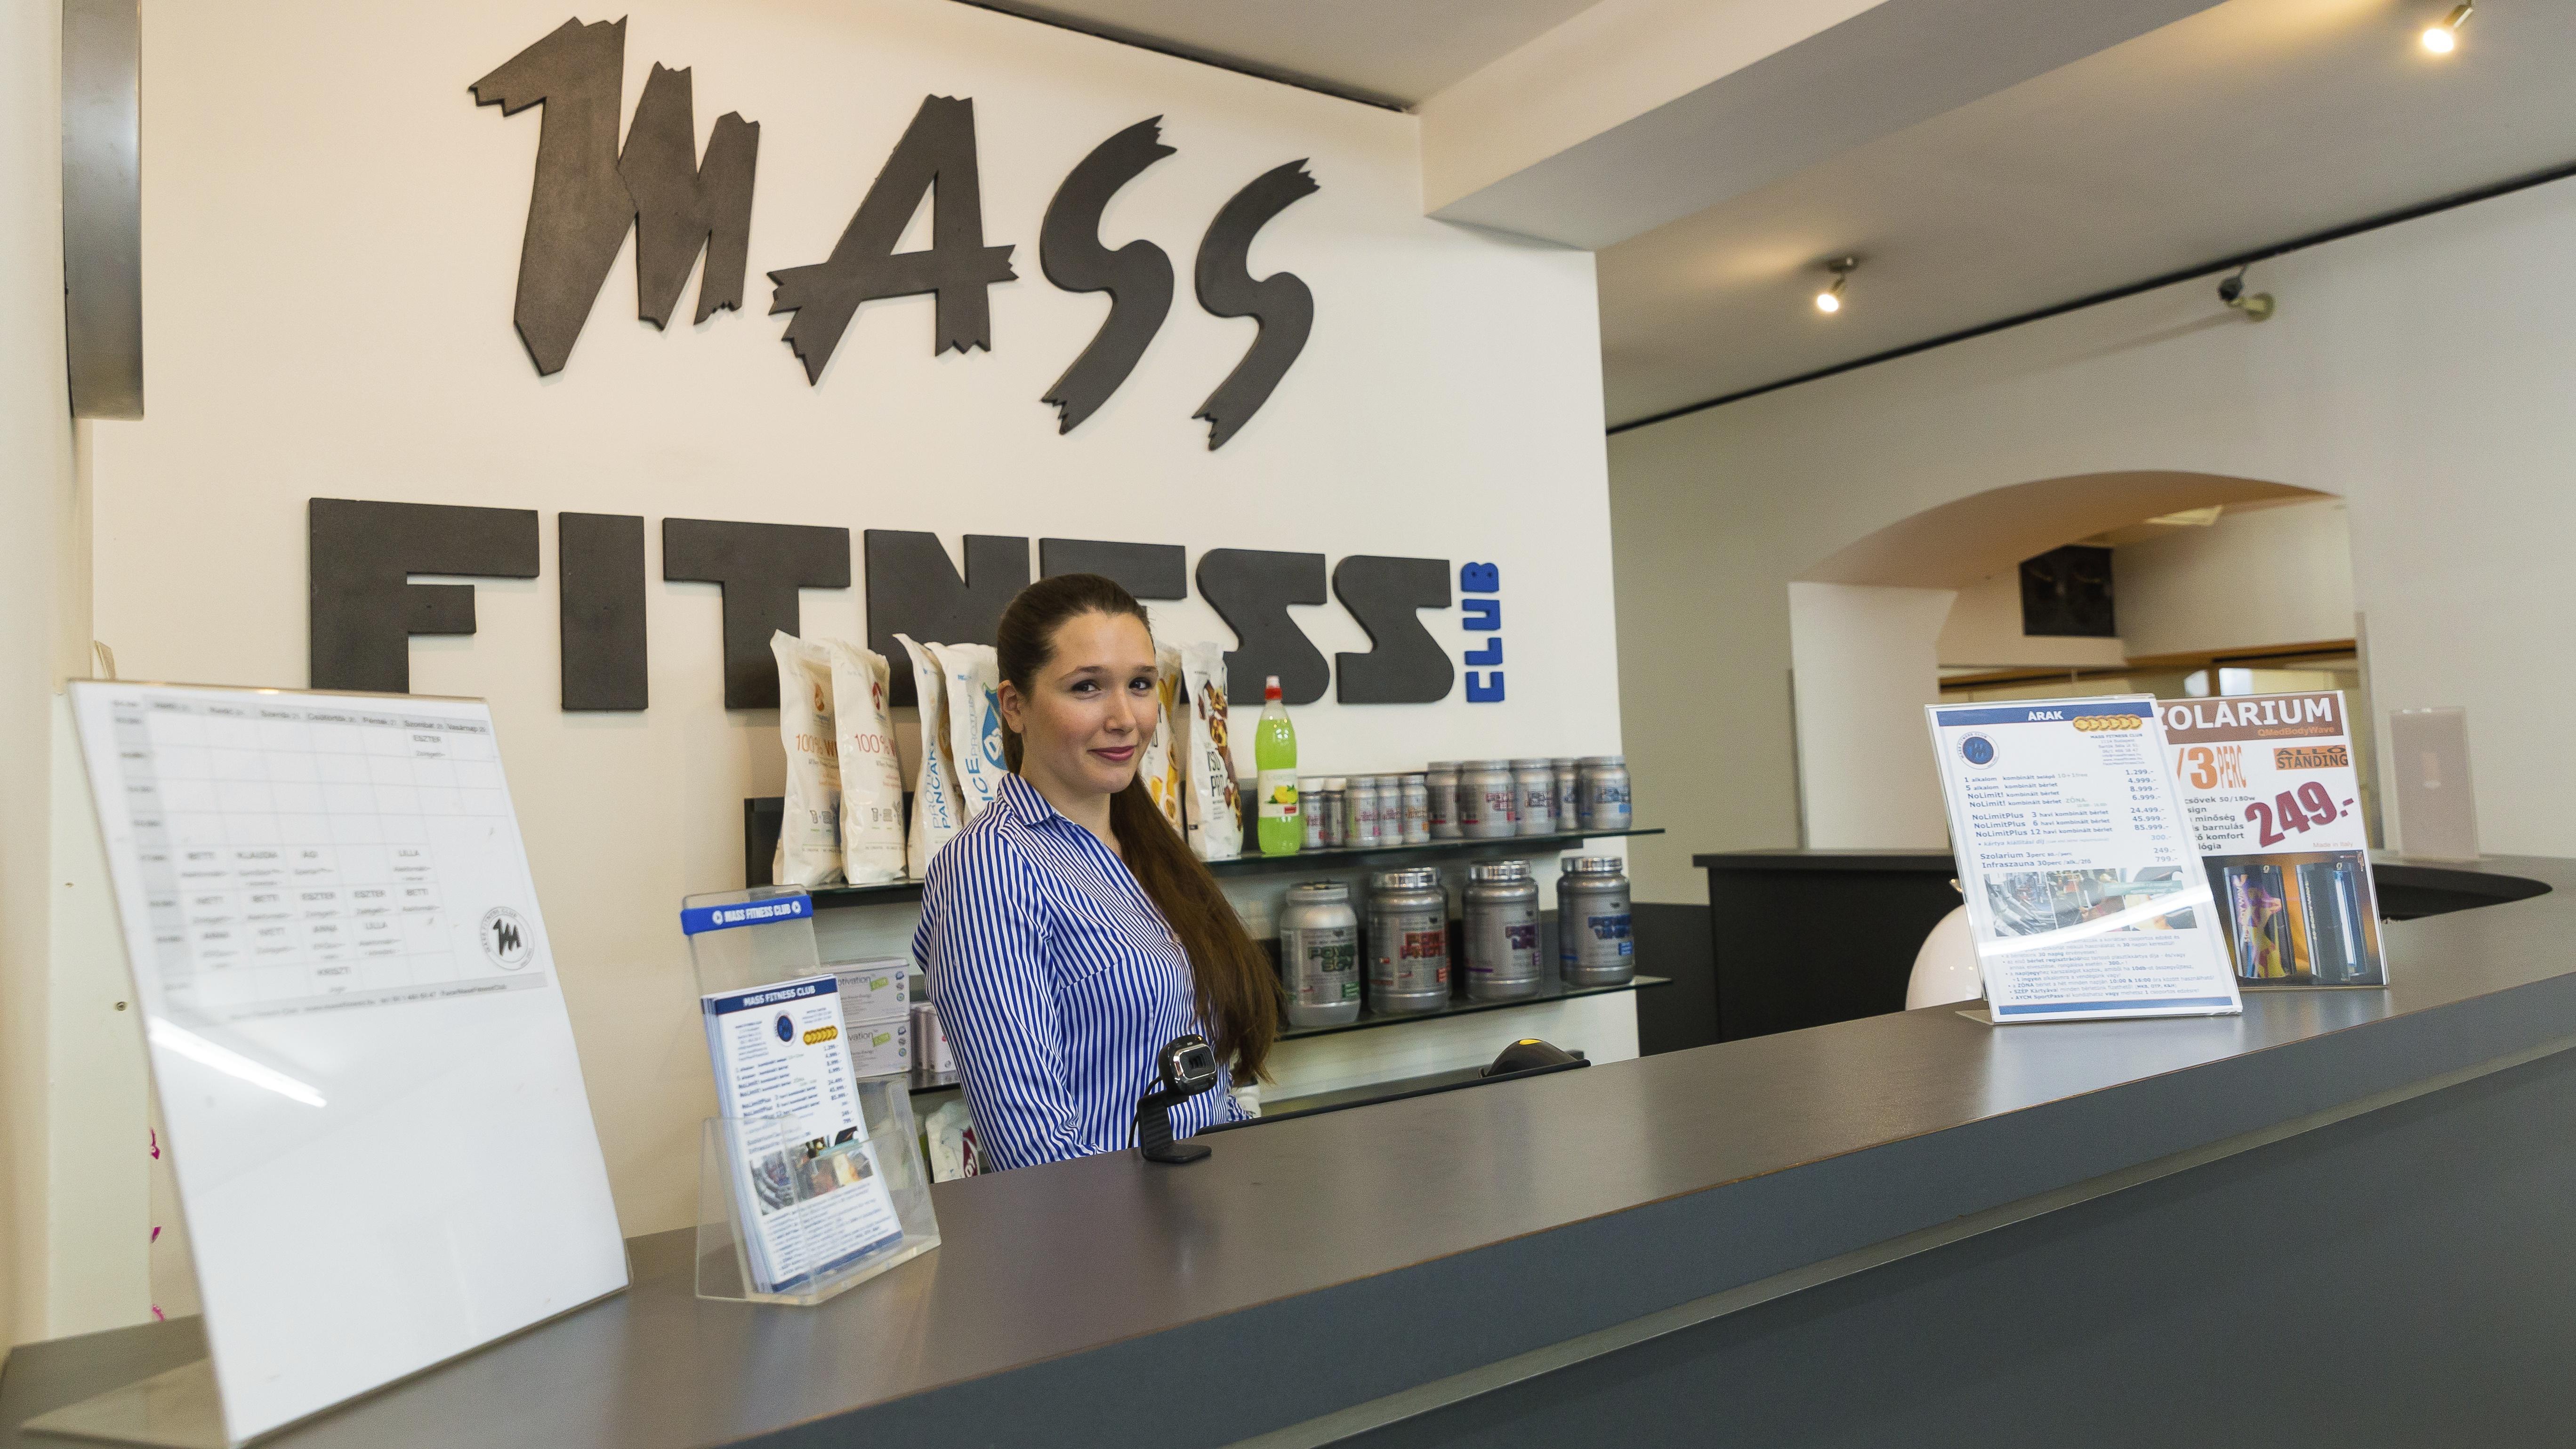 Mass Fitness Club